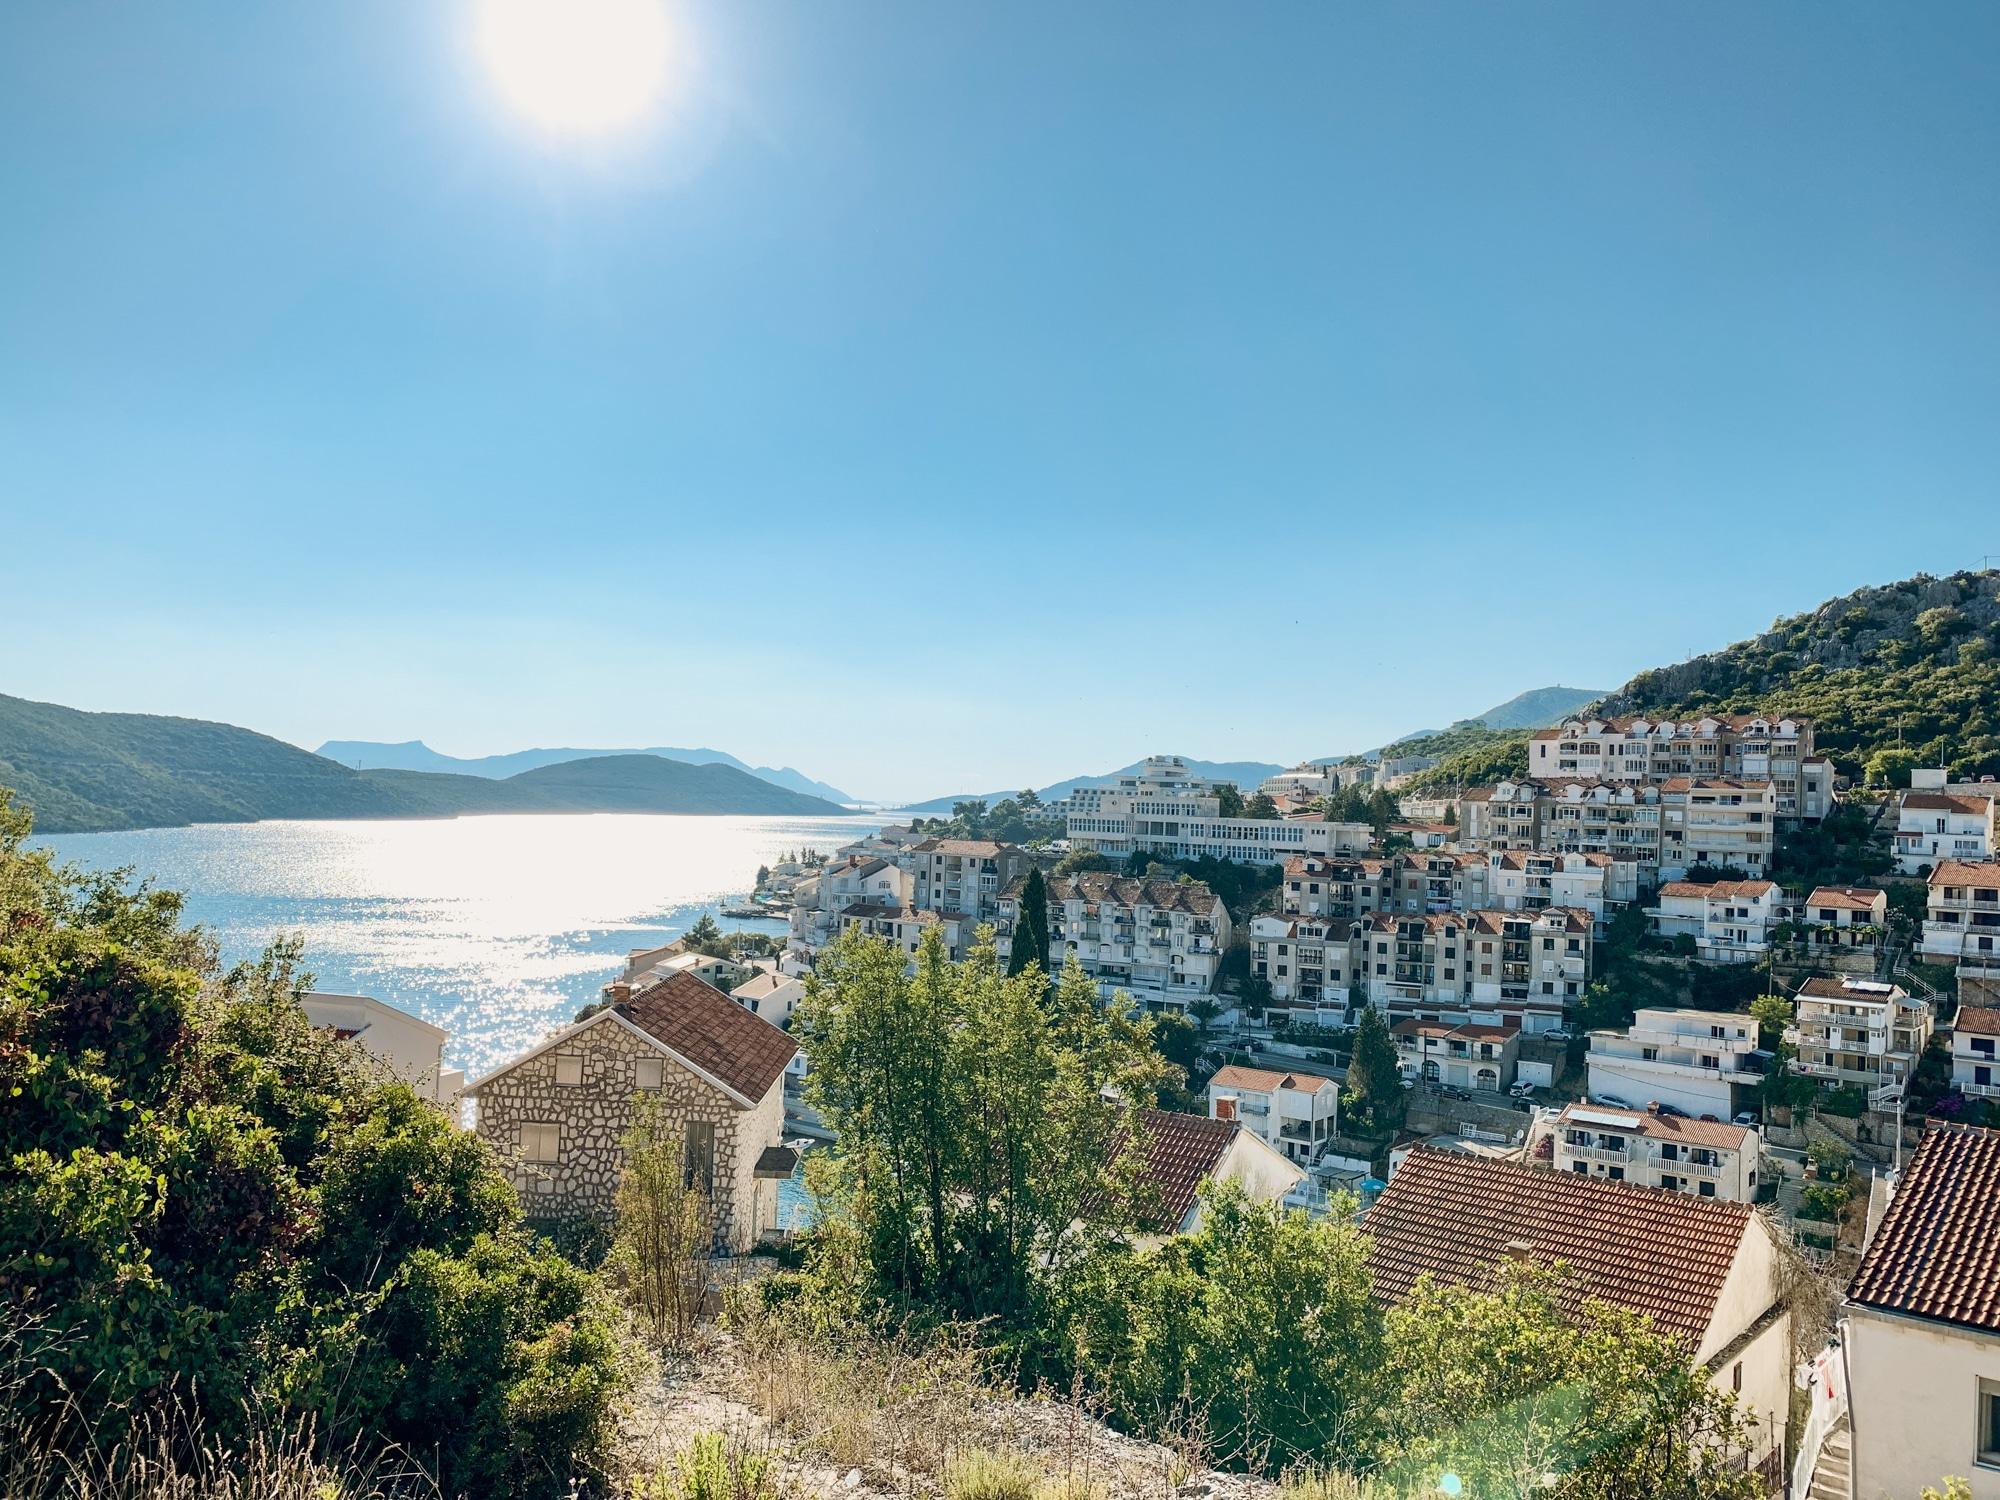 Dubrovnik Sehenswürdigkeiten Top 10: Meine Highlights und Tipps - Bosnien Herzegowina